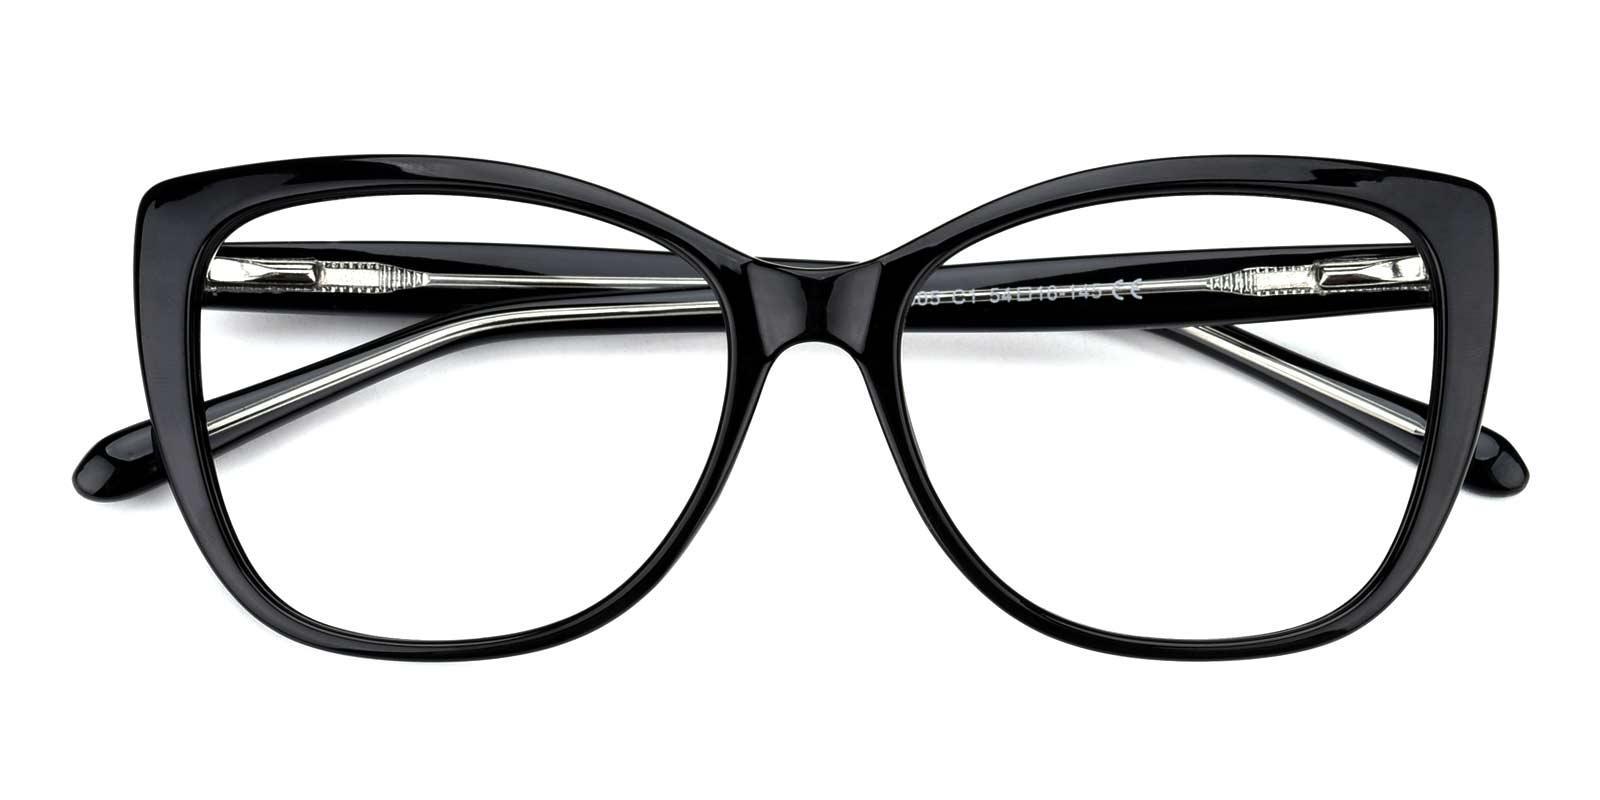 Irene-Black-Cat / Round-TR-Eyeglasses-detail